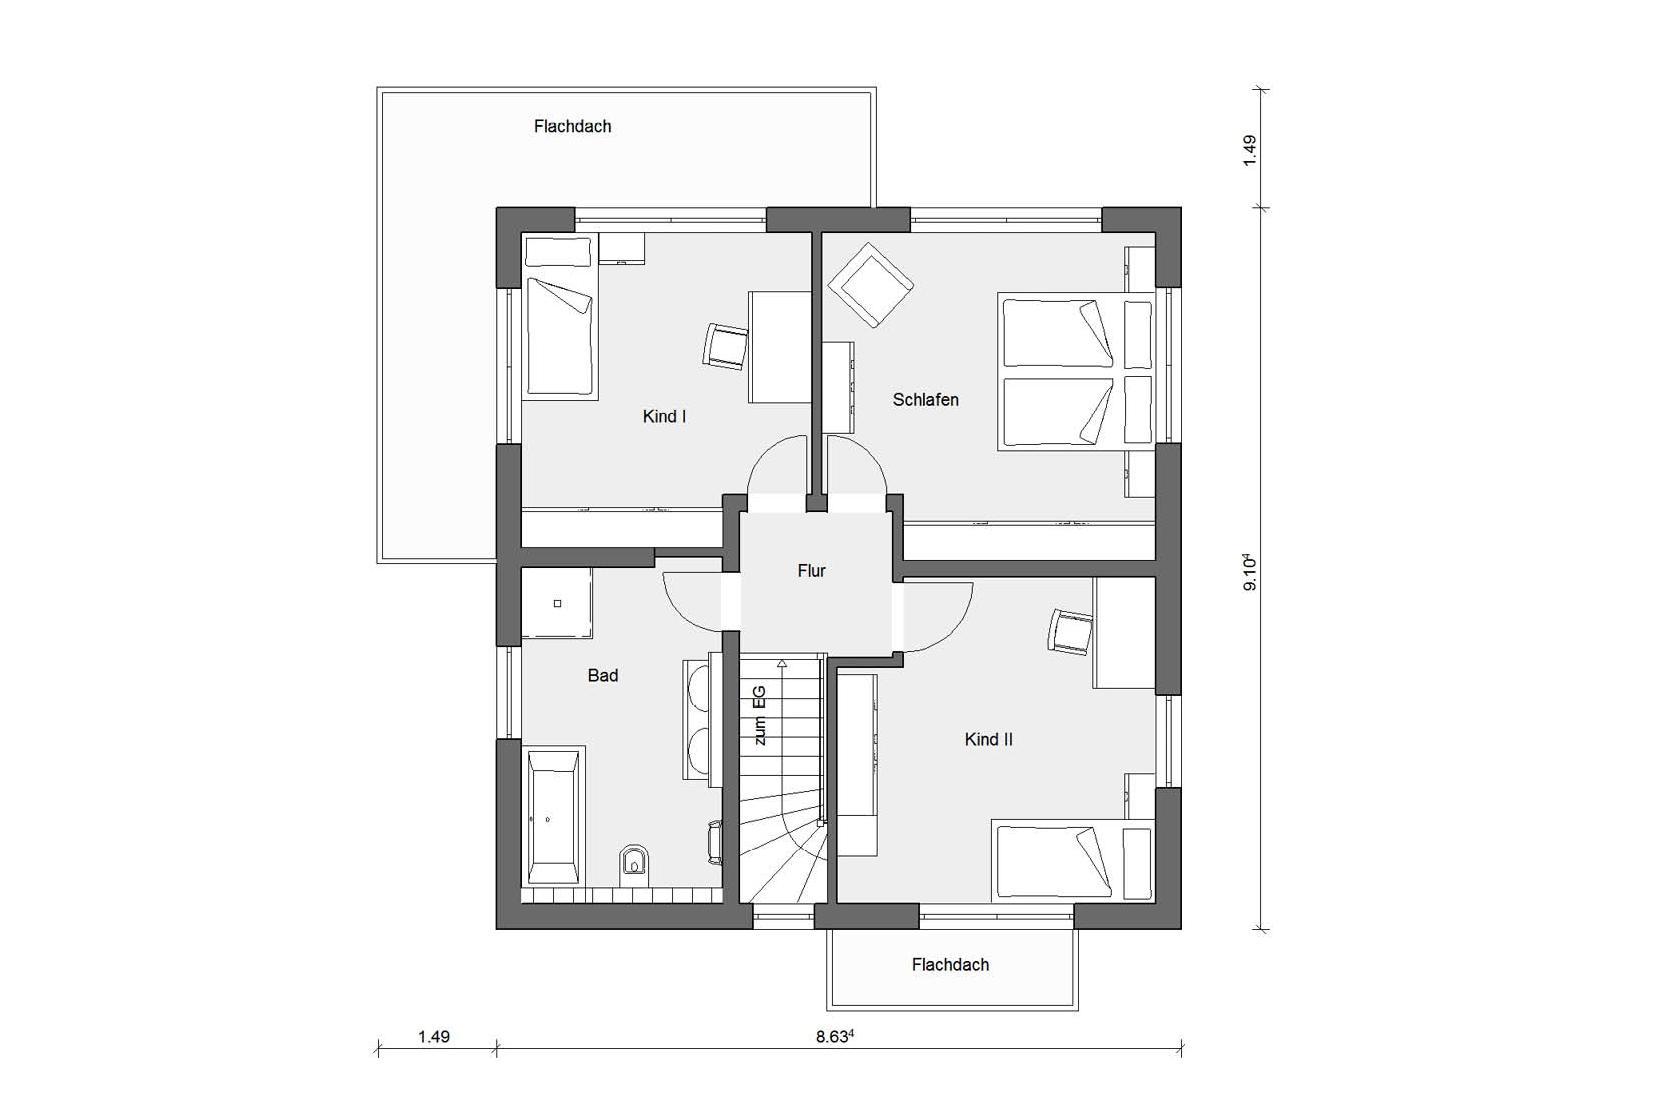 Maison cubique épurée avec annexe moderne | SchwörerHaus